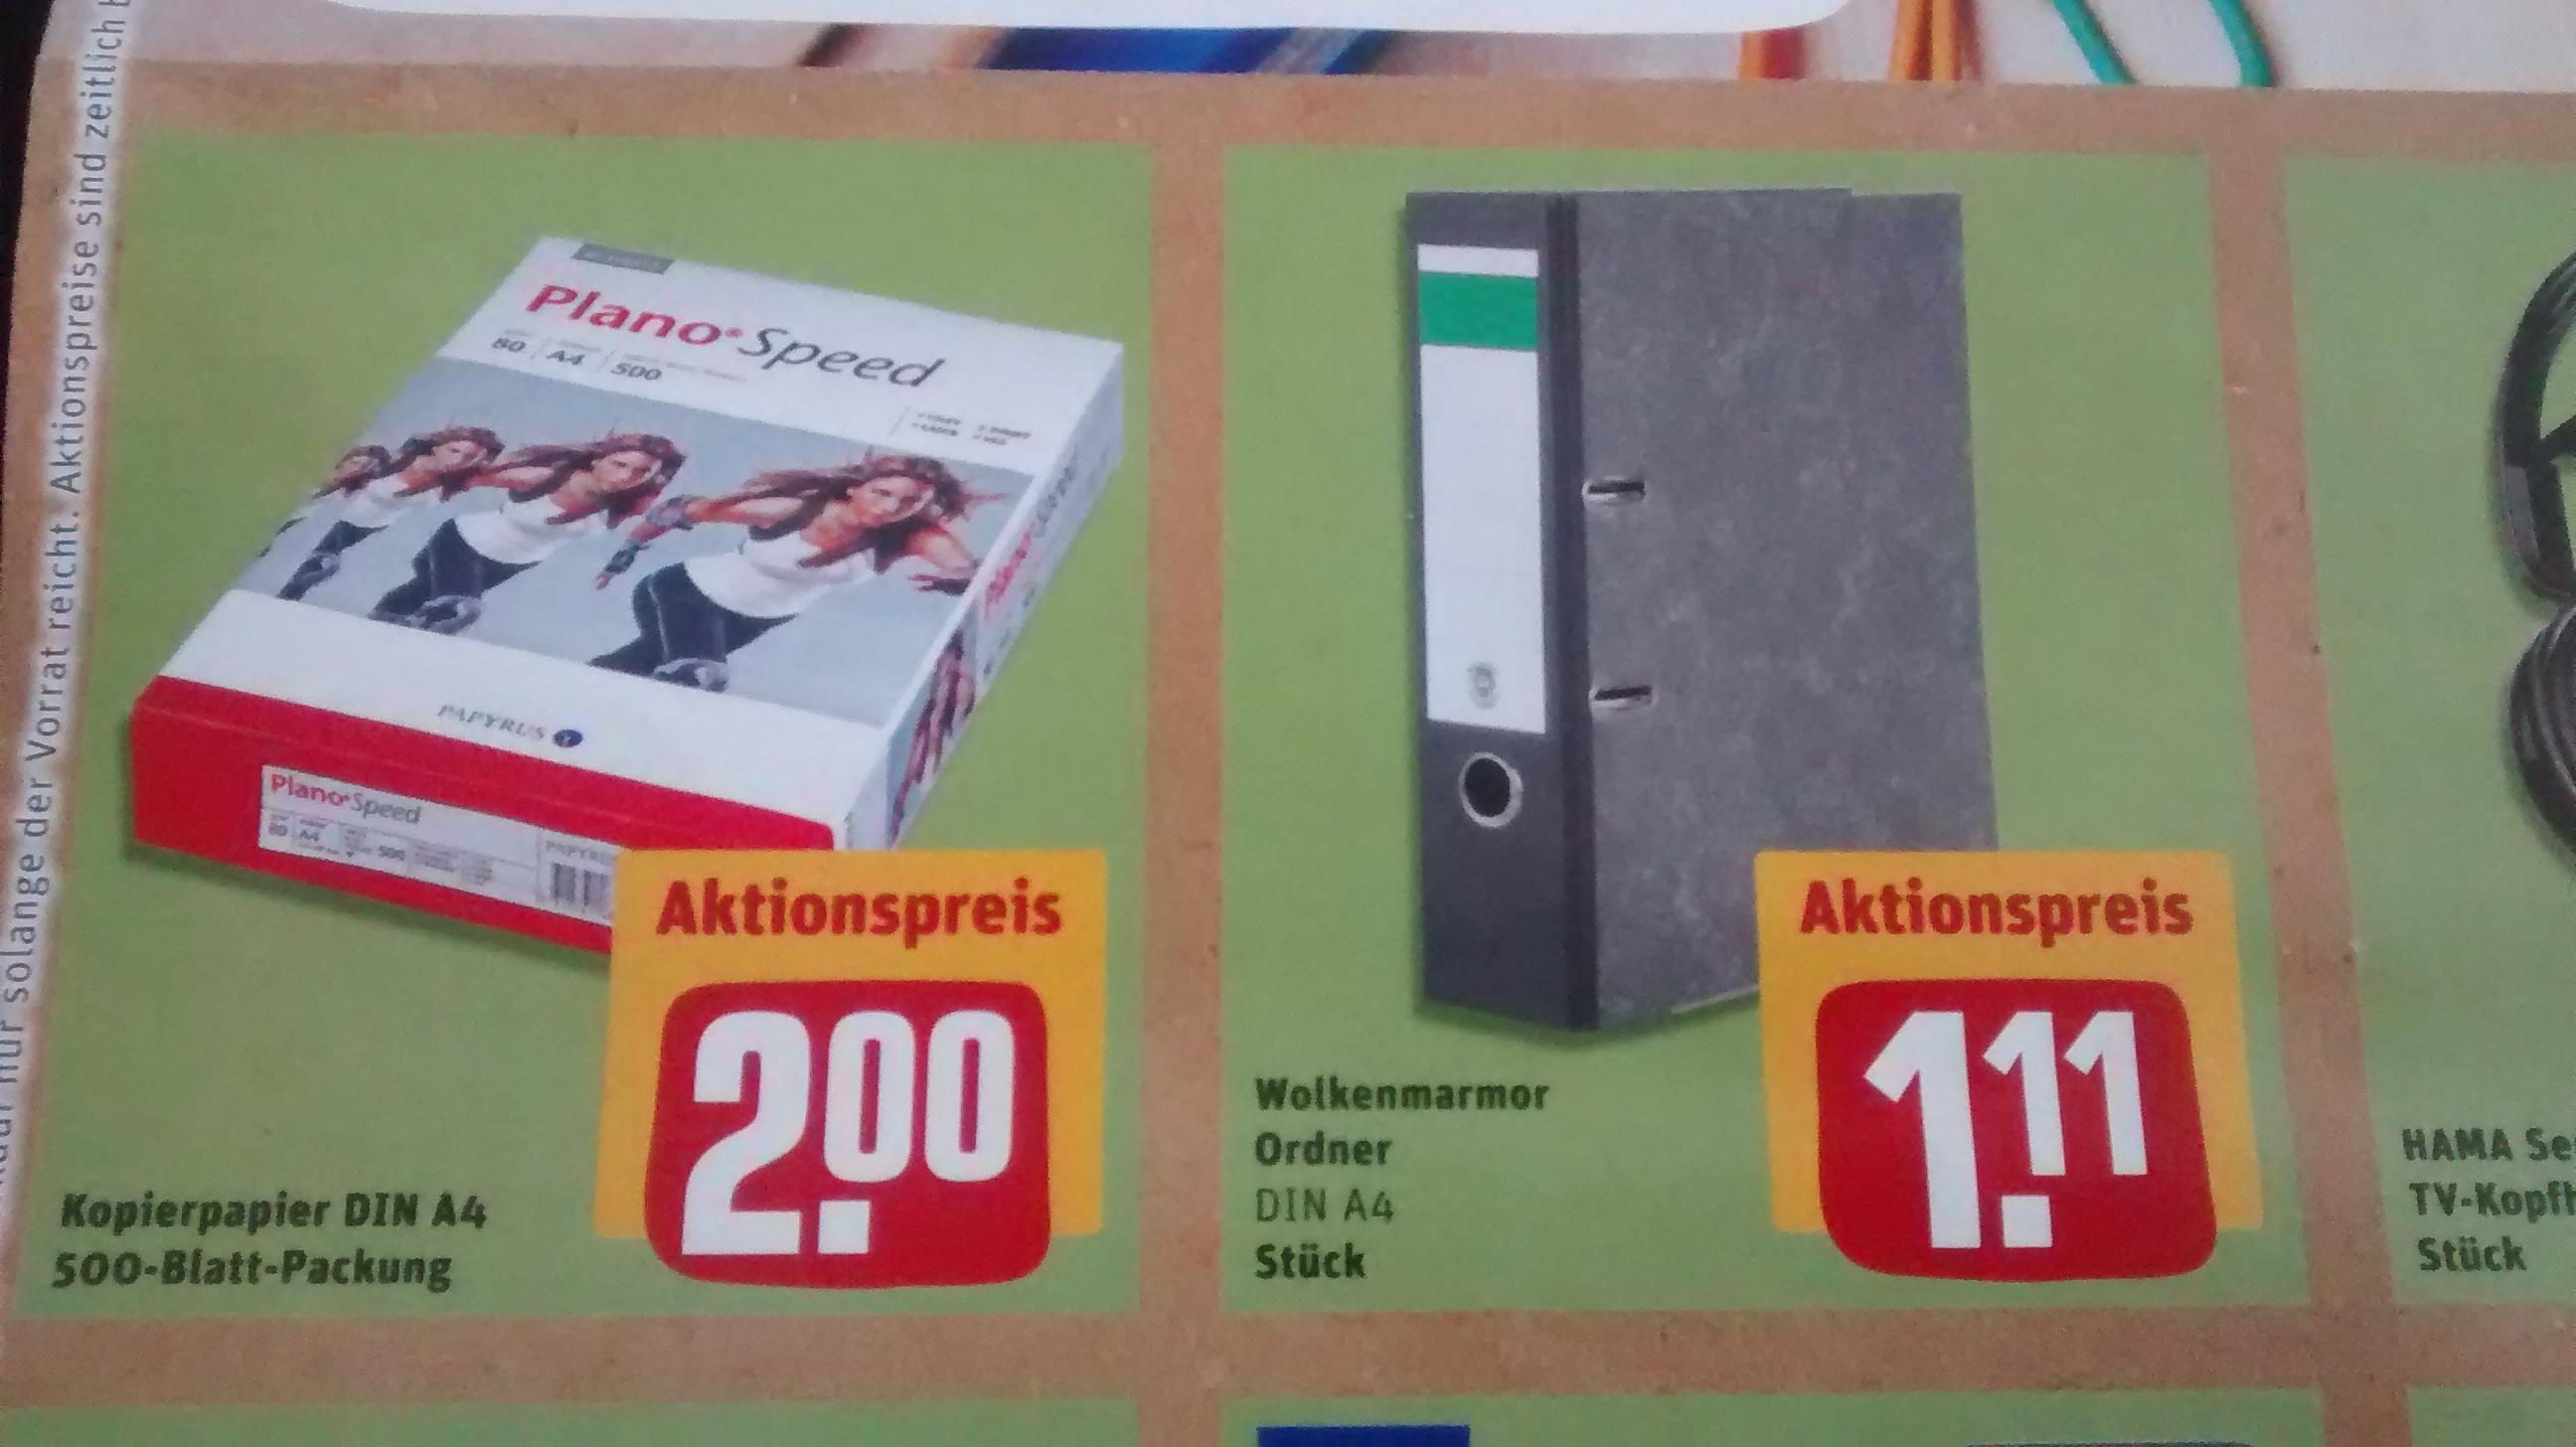 [Hamburg REWE Center] Kopierpapier weiß / 80g / 500 Blatt - 2,00€ Ab 30.01.17